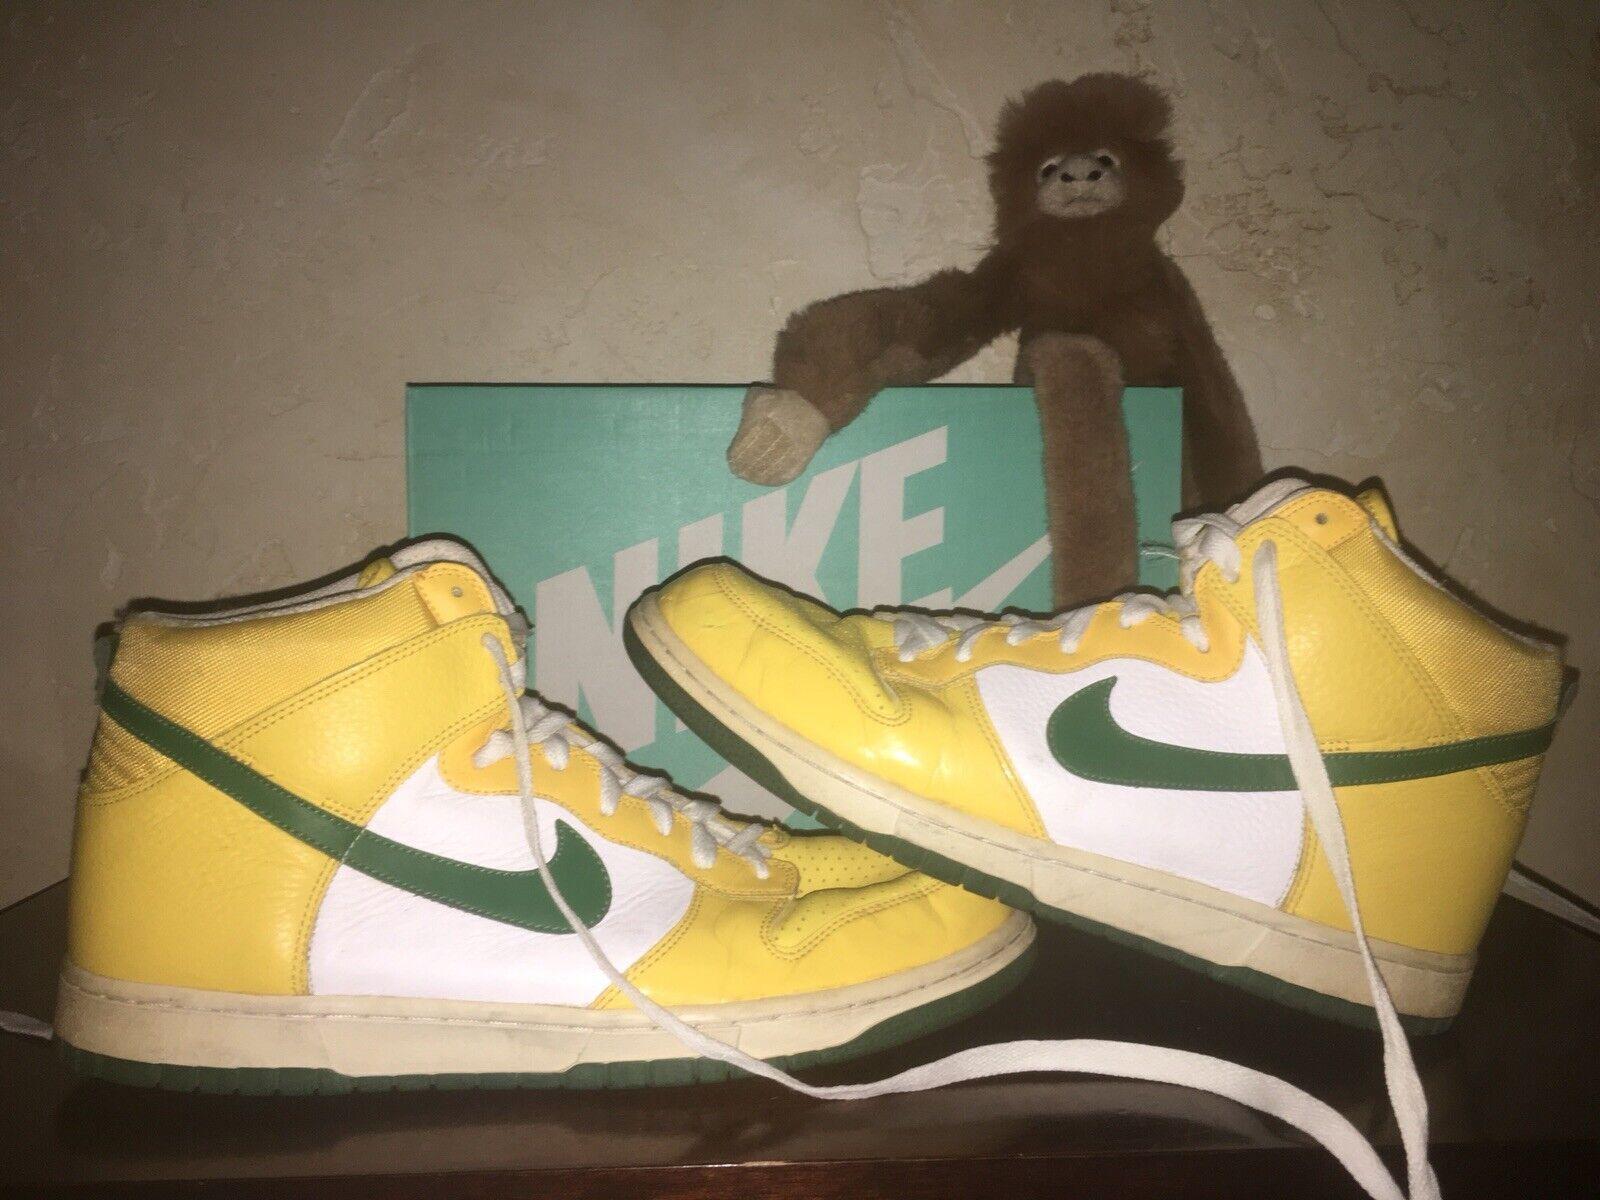 Mens Sz 13 Nike Dunk GREEN BAY PACKERS Green Yellow shoes BRAZIL 317982 731